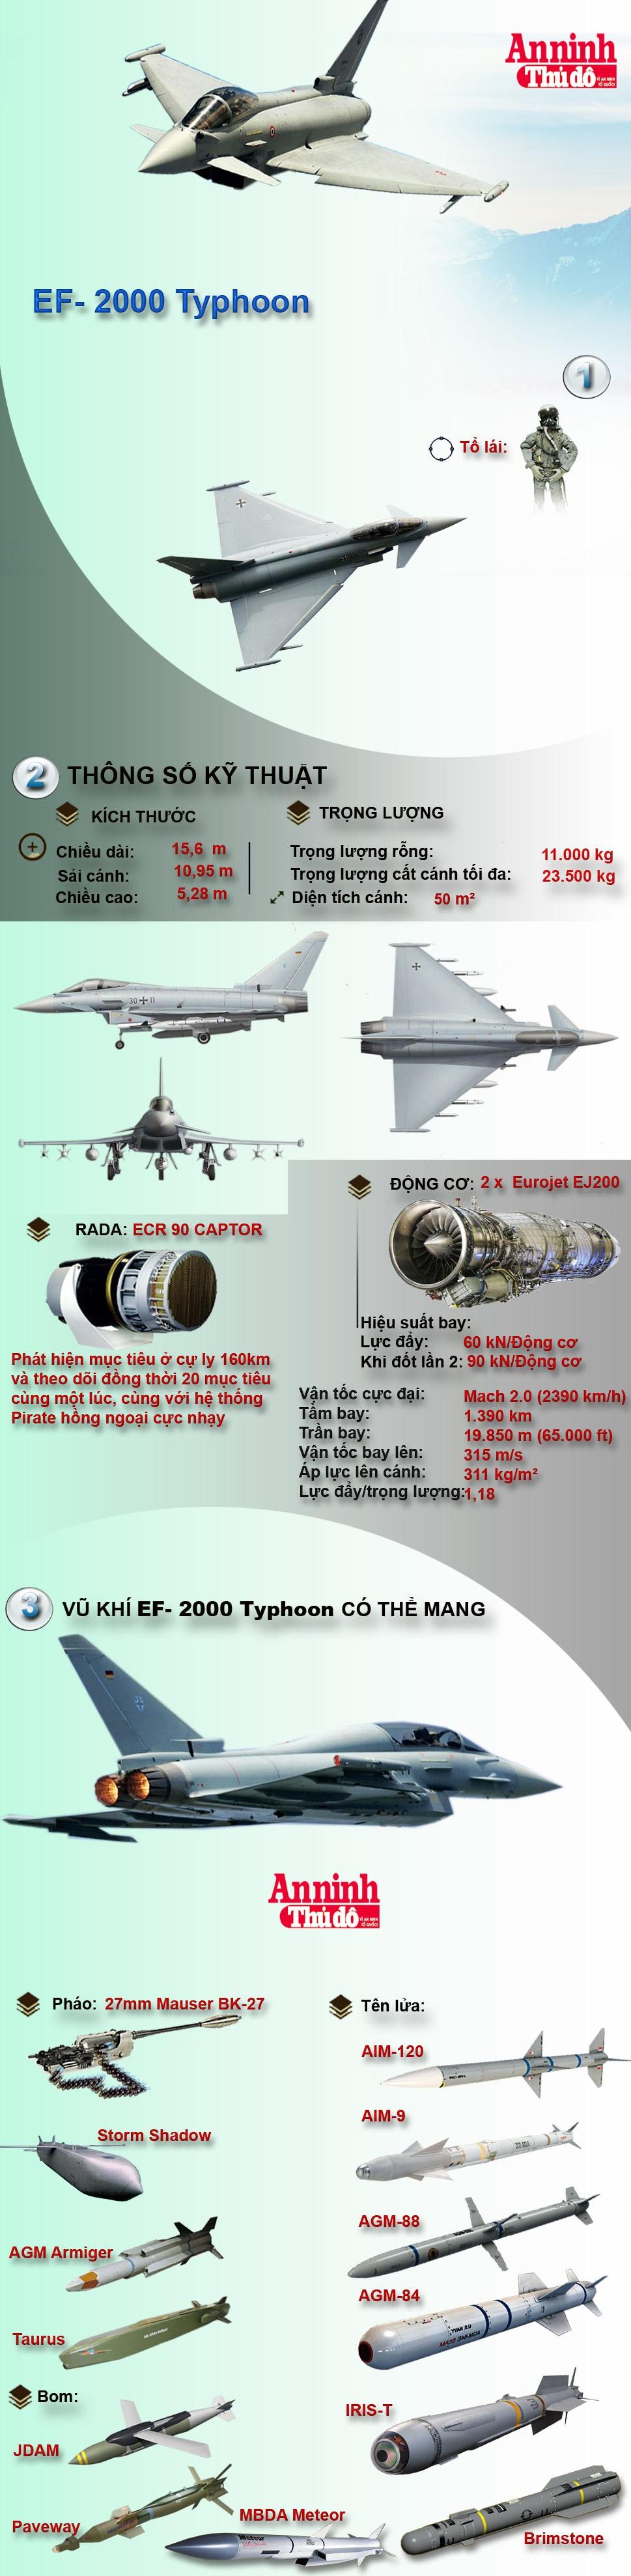 [Infographic] Uy lực tiêm kích đa năng Eurofighter E/F 2000 Việt Nam có thể mua ảnh 1